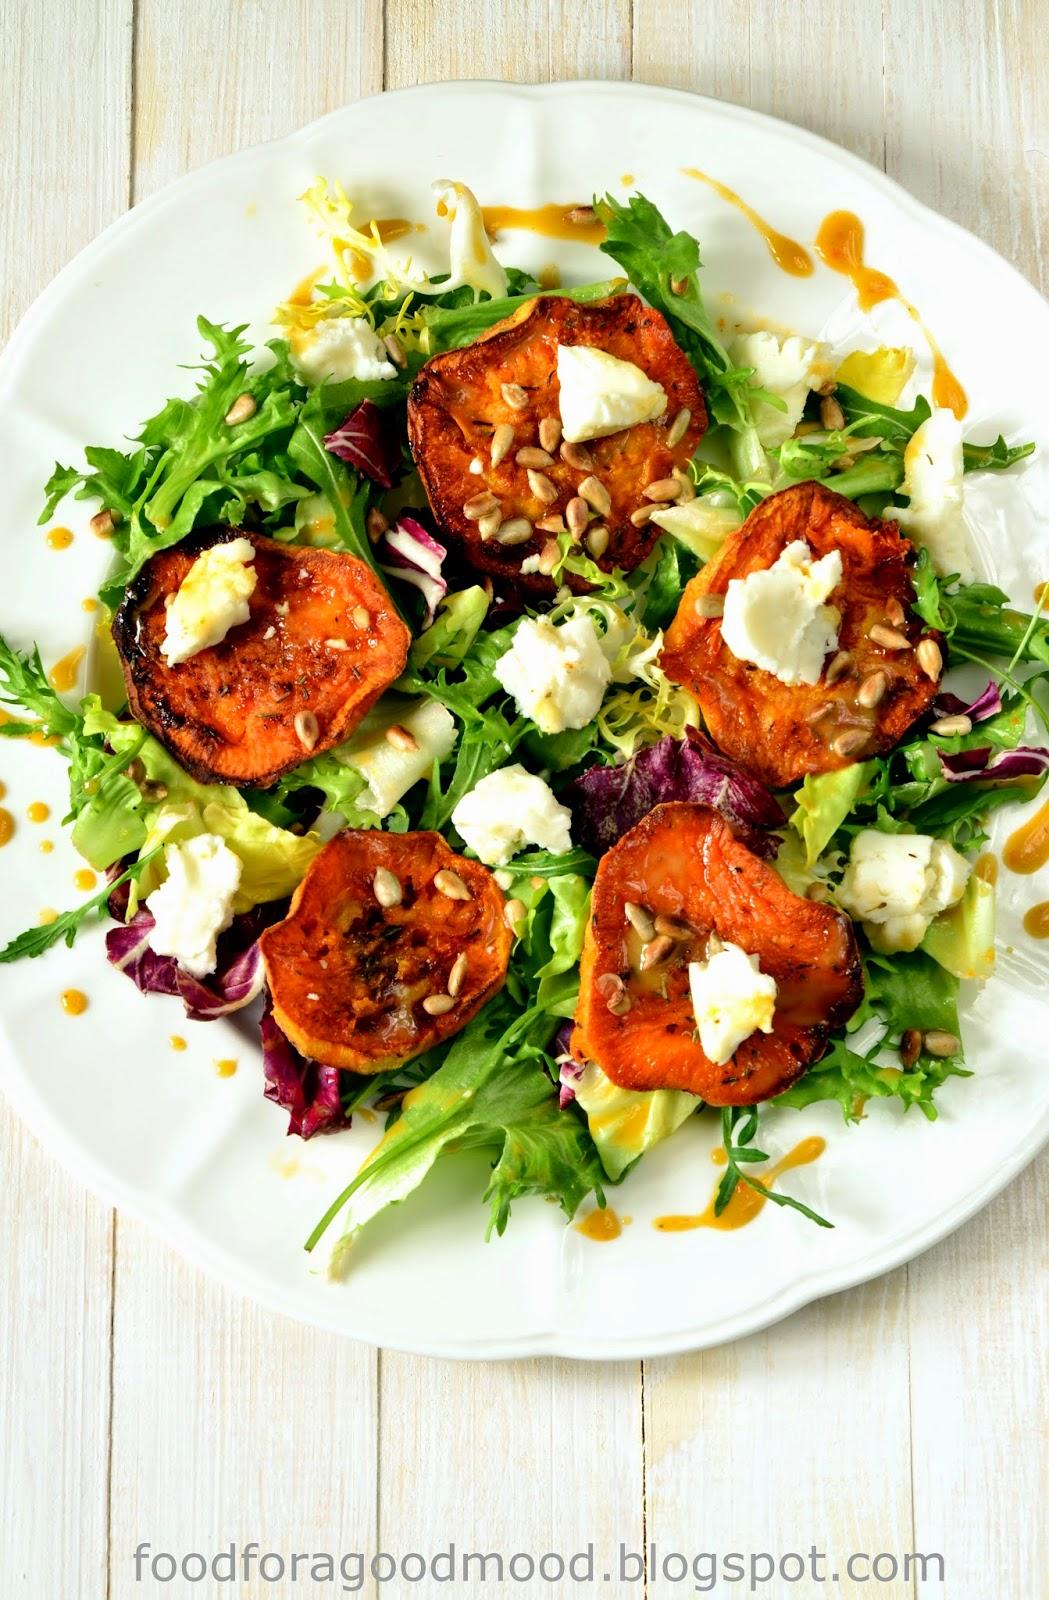 Słodko, słono i pikantnie – czyli batat, ser kozi i chilli. Lekka sałatka z sosem winegret, która świetnie nadaje się na lunch.